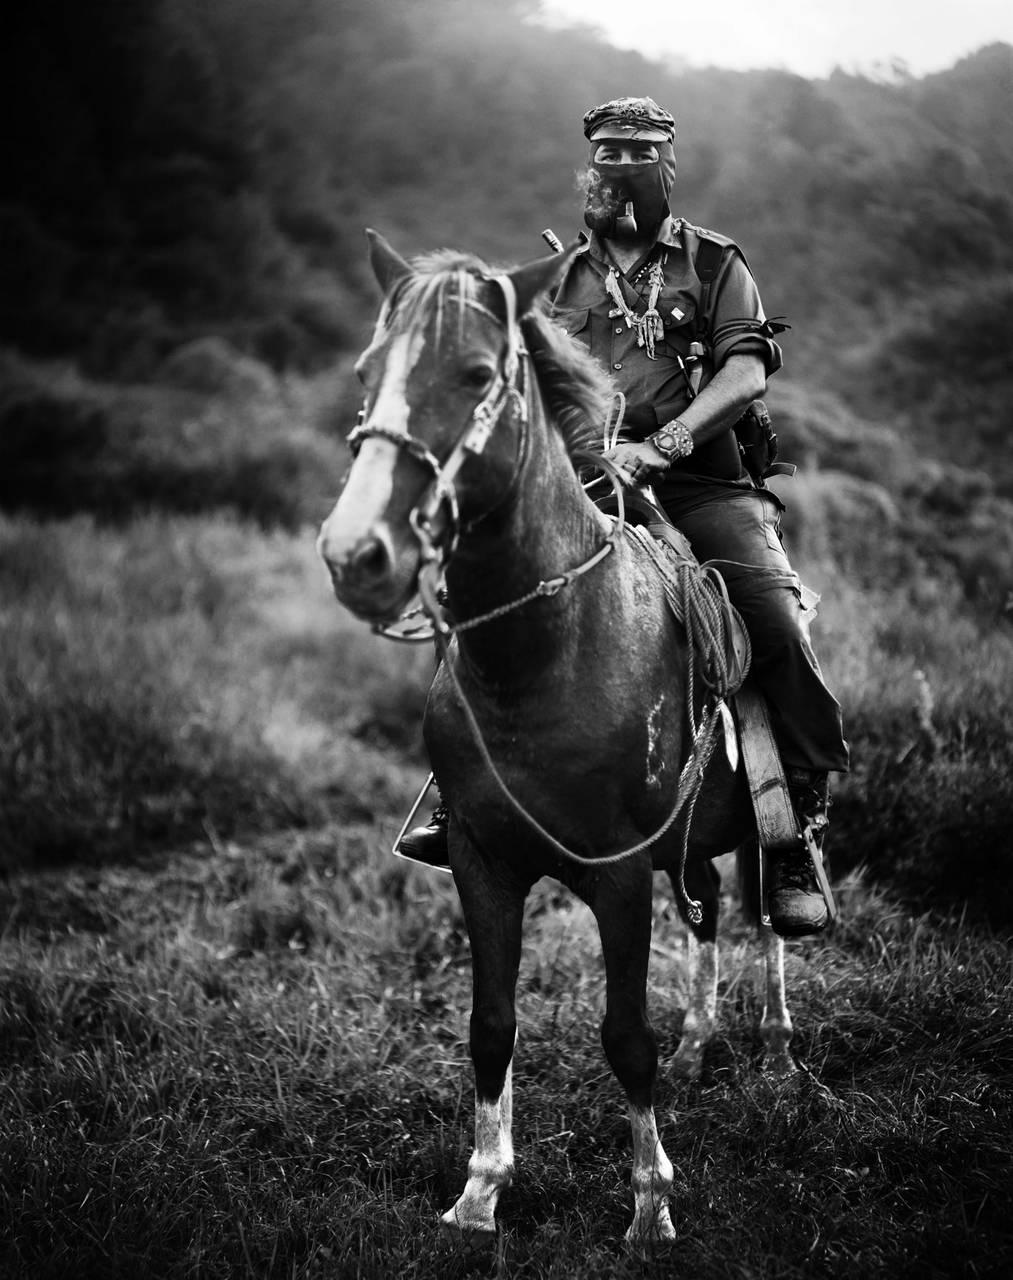 Zapatista Subcomadante Marcos